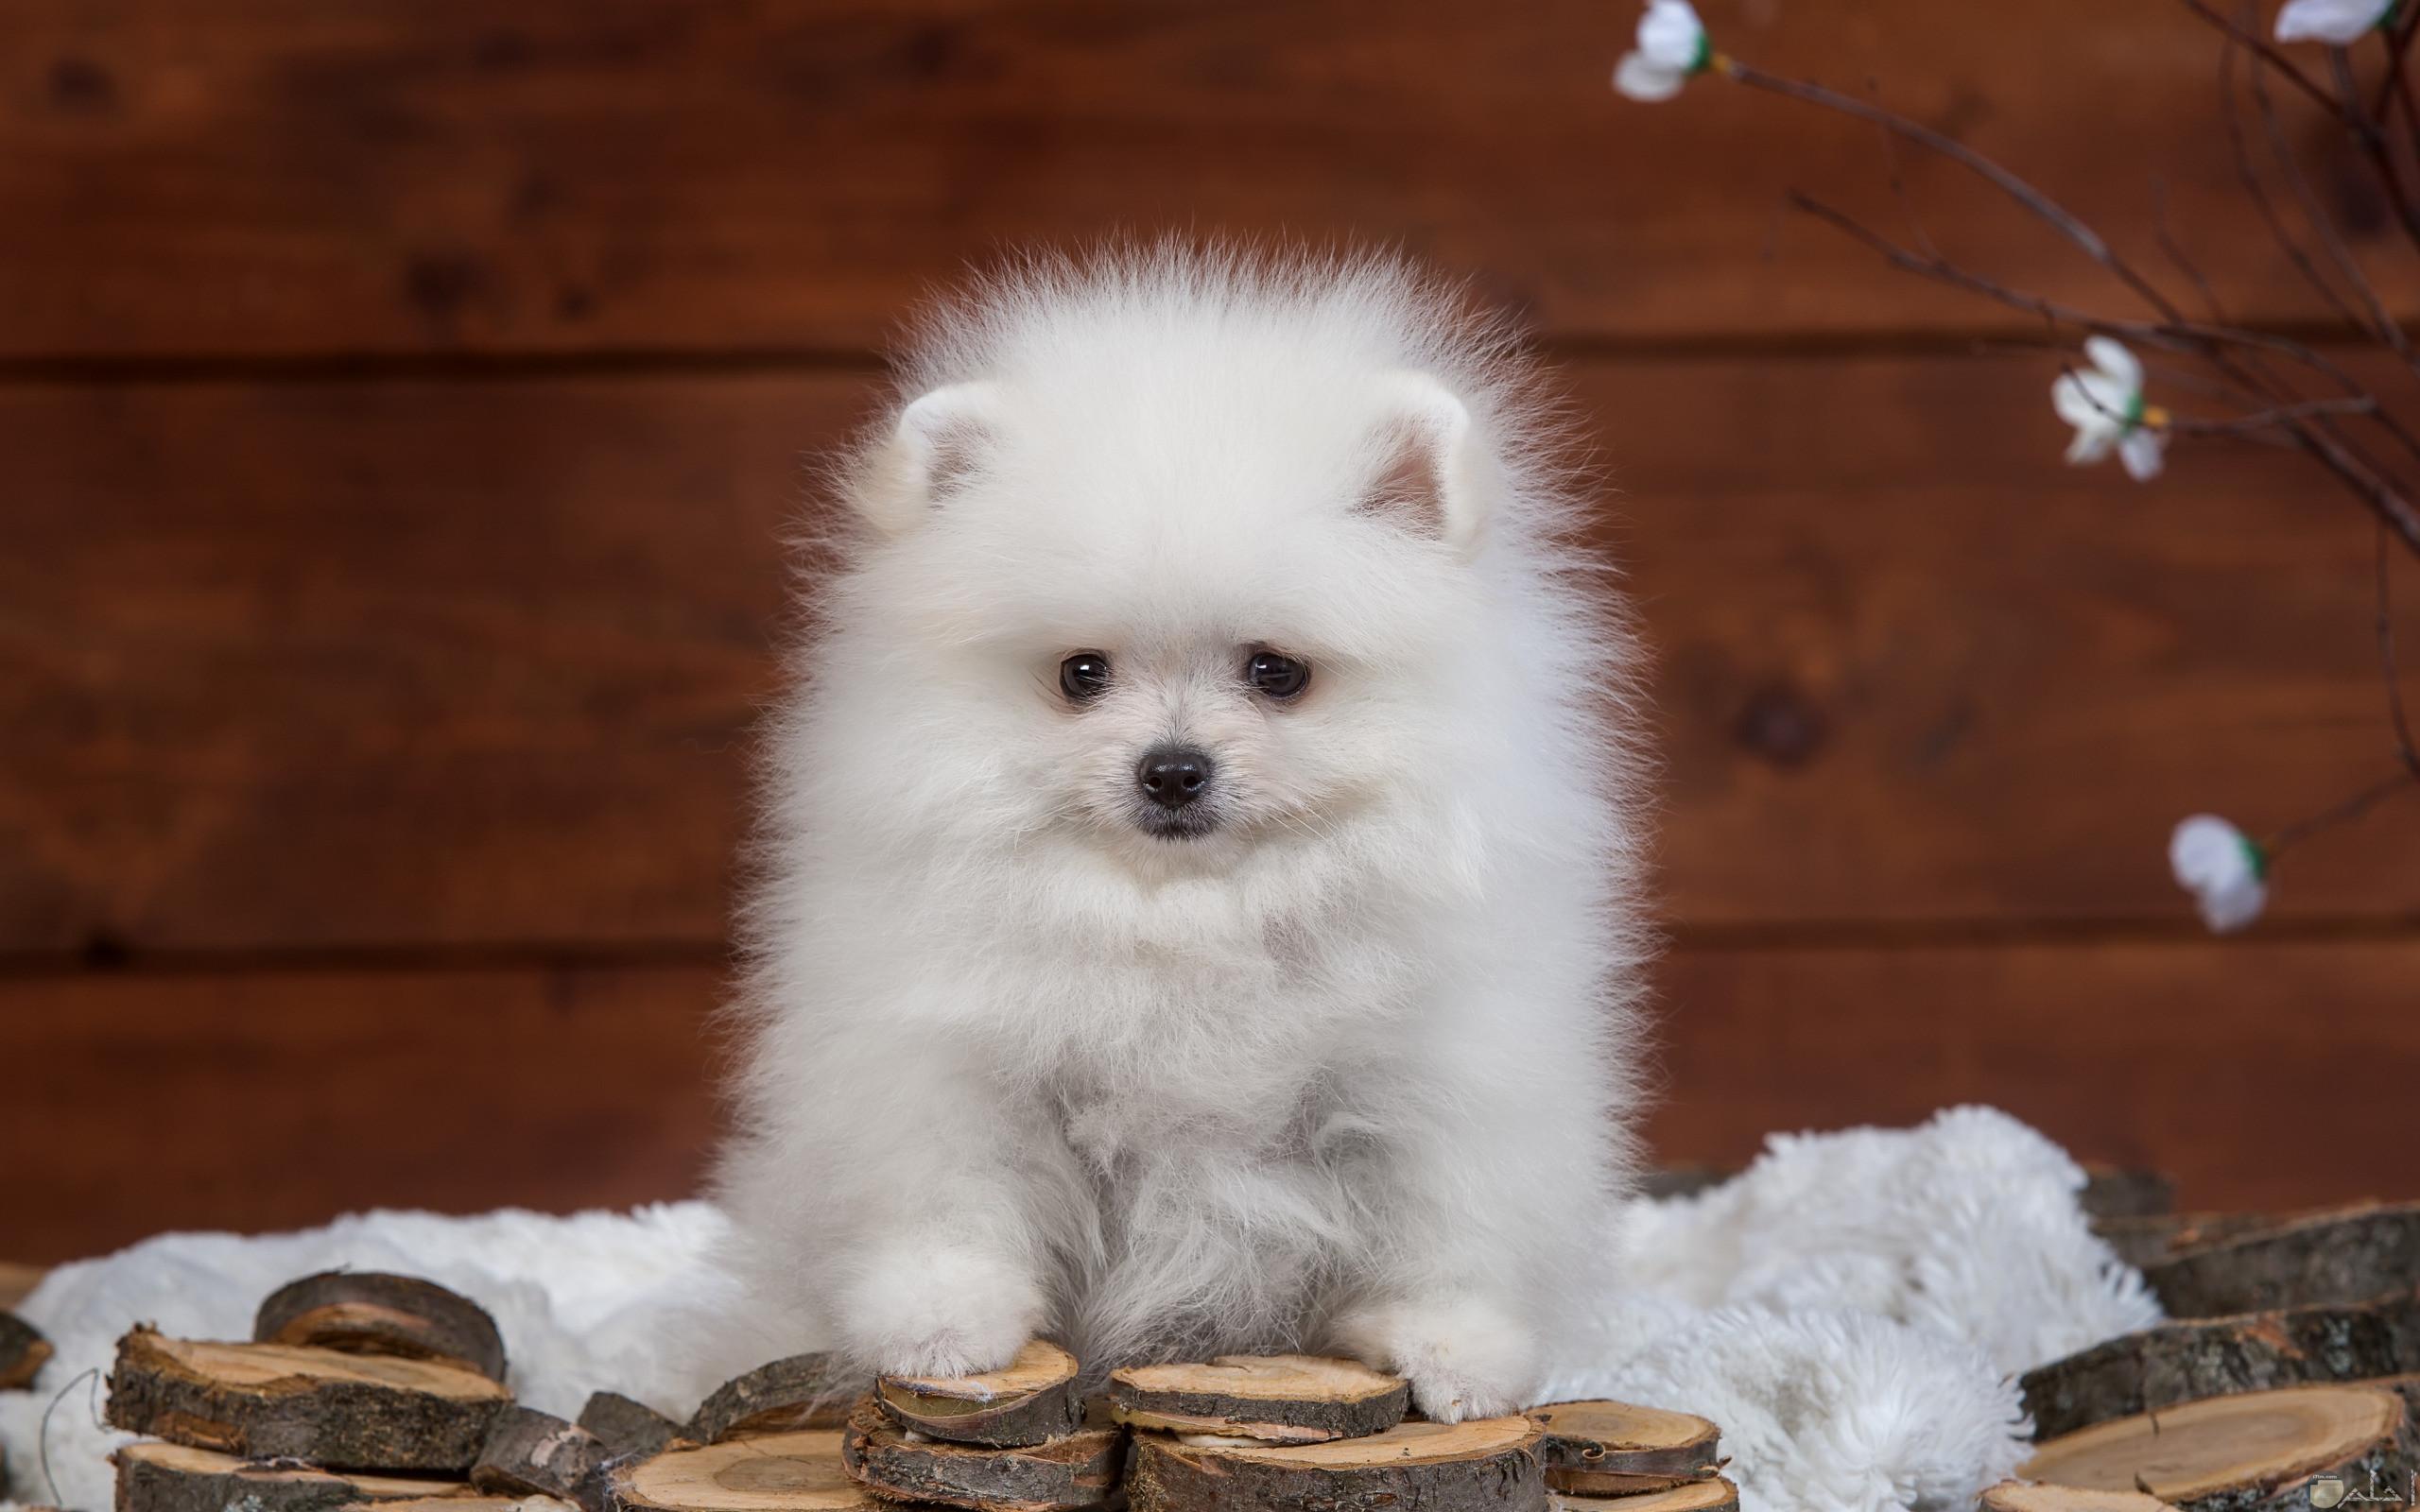 كلب لولو يصنع لعب بالخشب.